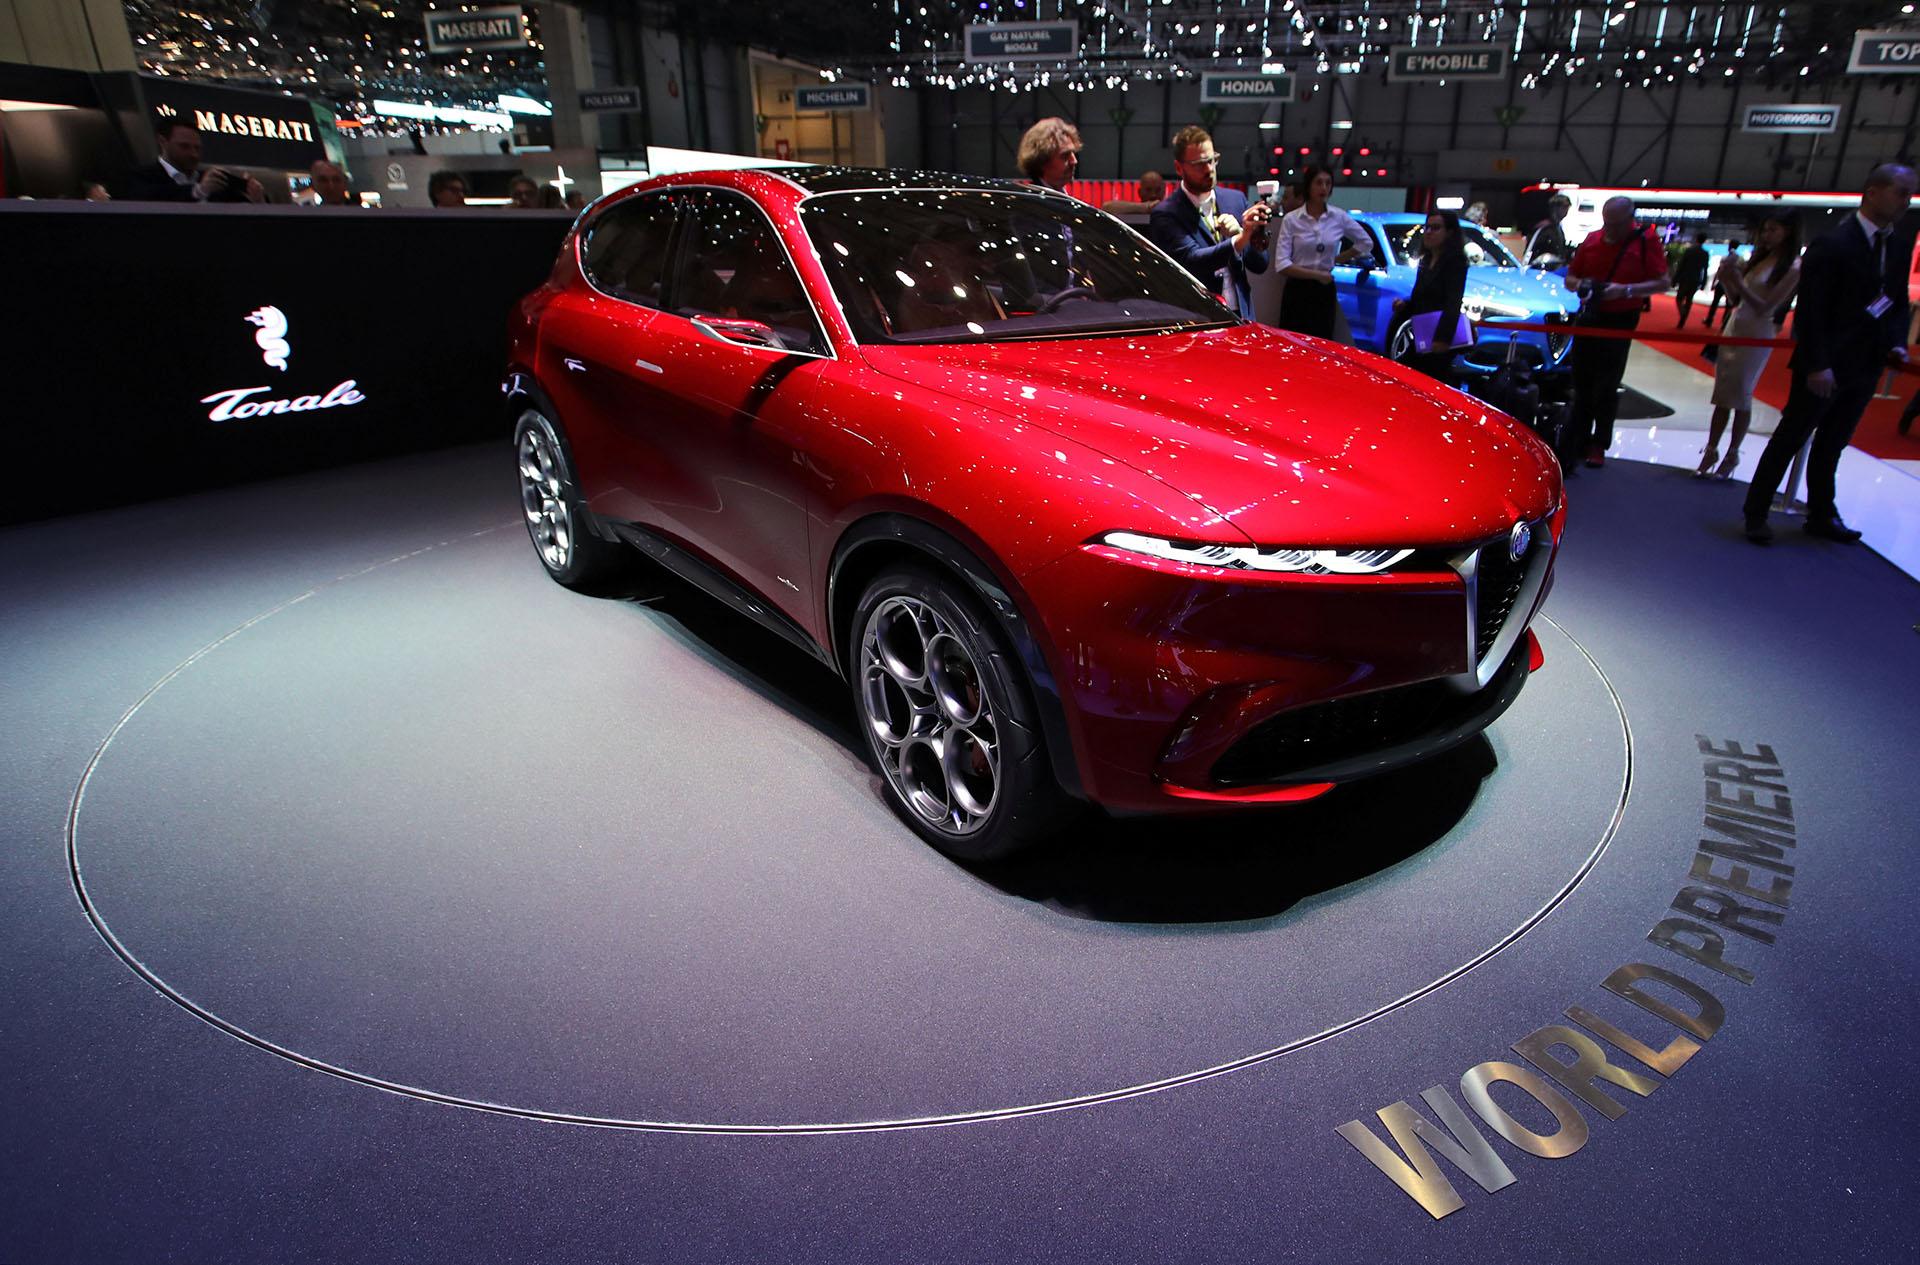 El nuevo Alfa Romeo Tonalees un SUV conceptual compacto elegante, estilizado y con aspecto futurista